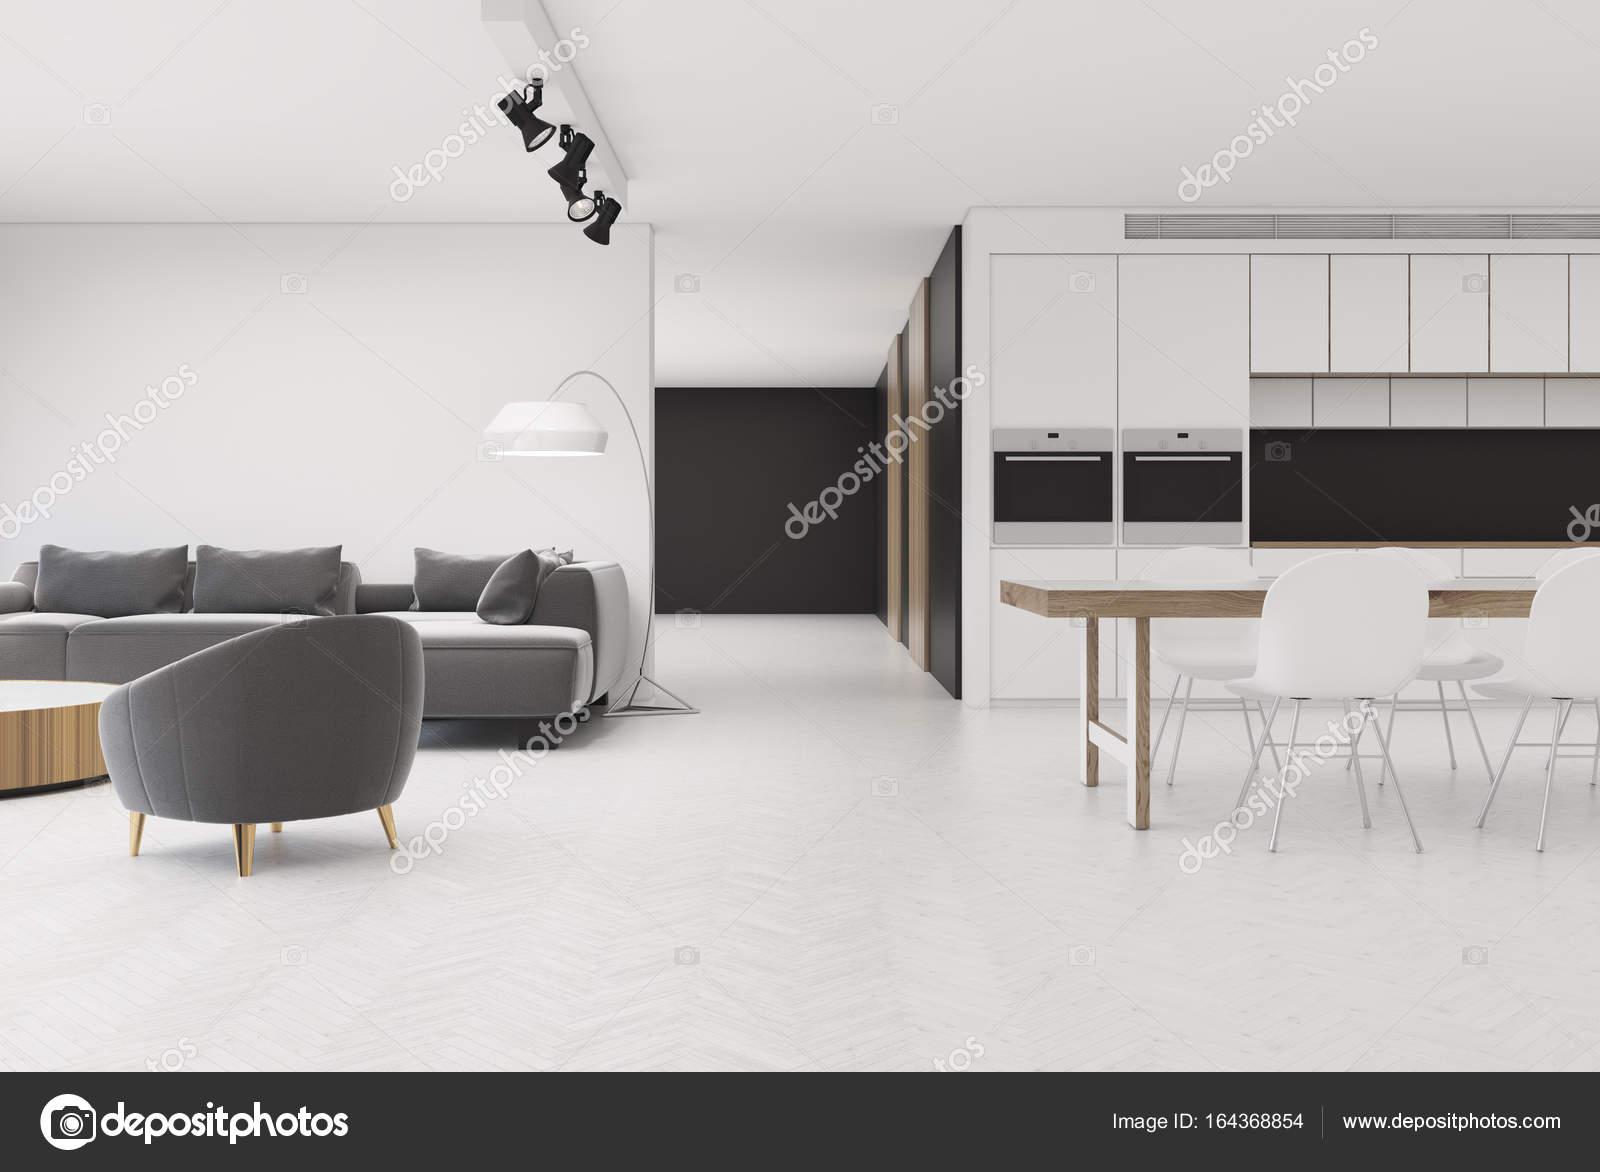 https://st3.depositphotos.com/2673929/16436/i/1600/depositphotos_164368854-stockafbeelding-wit-woonkamer-met-grijze-fauteuil.jpg